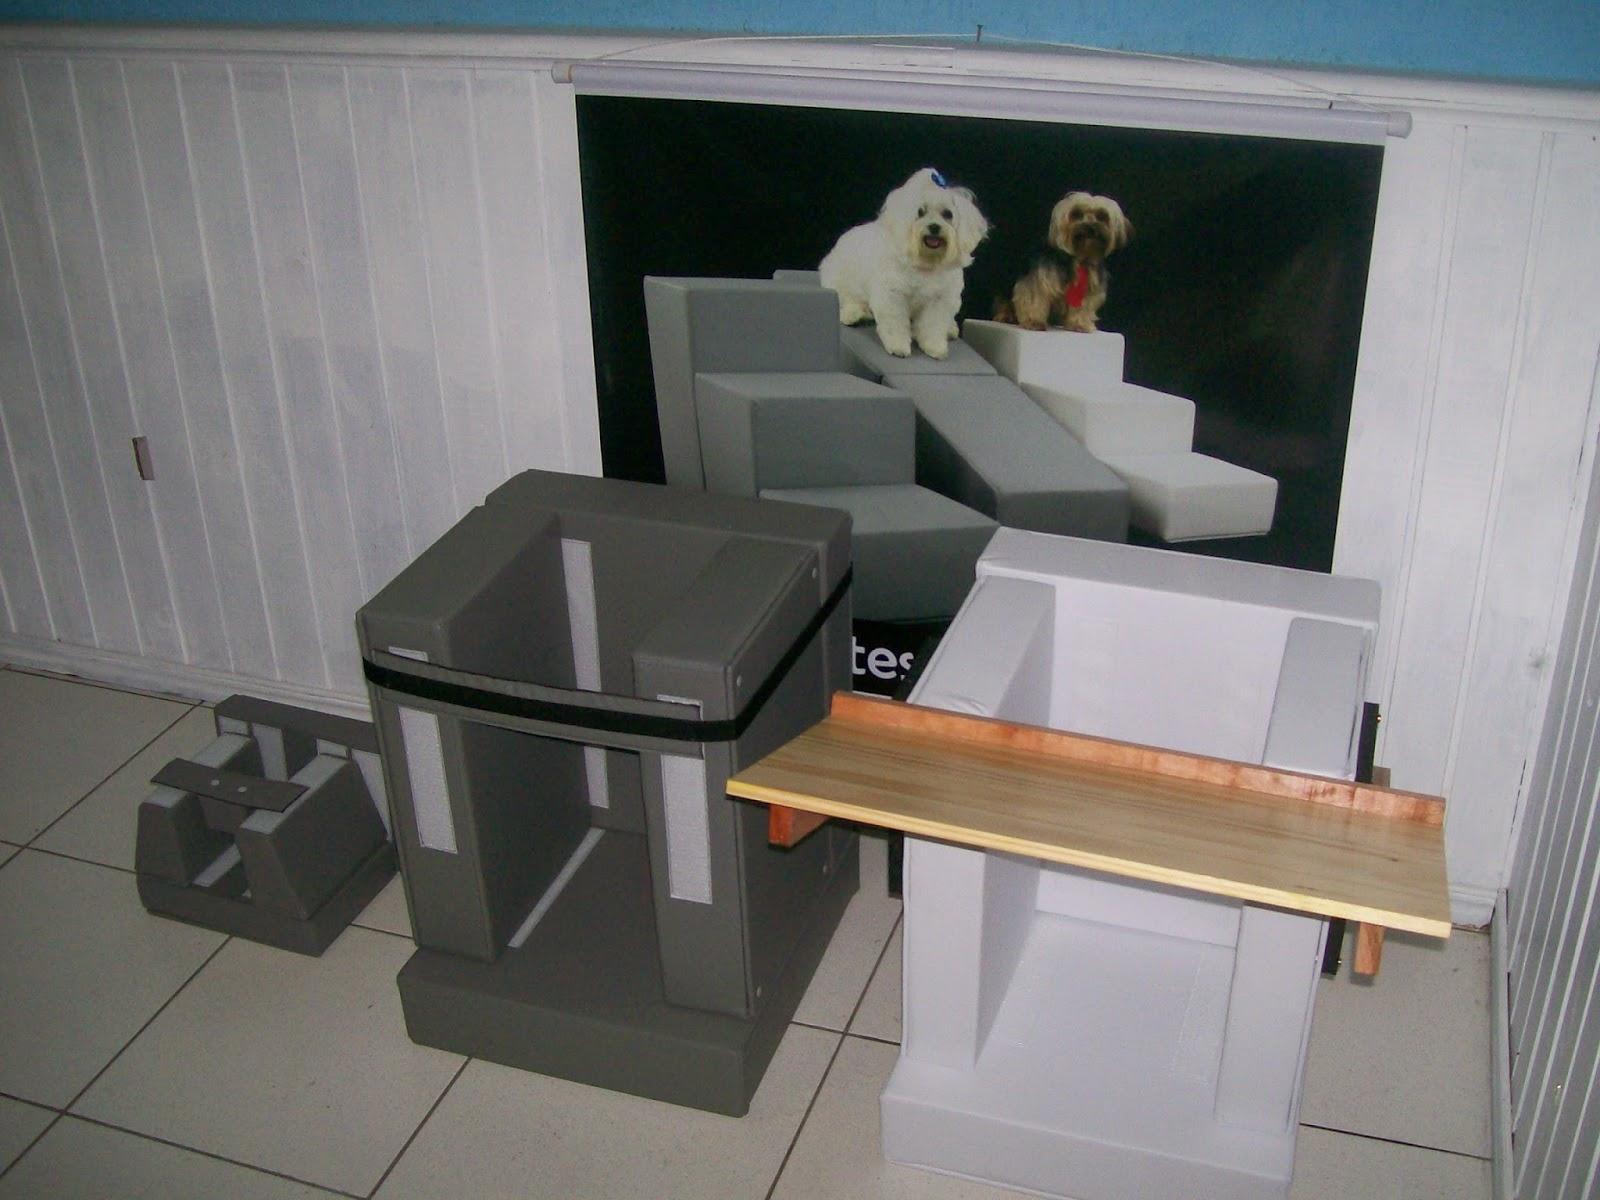 megaesôfago modelos, micro e médio porte